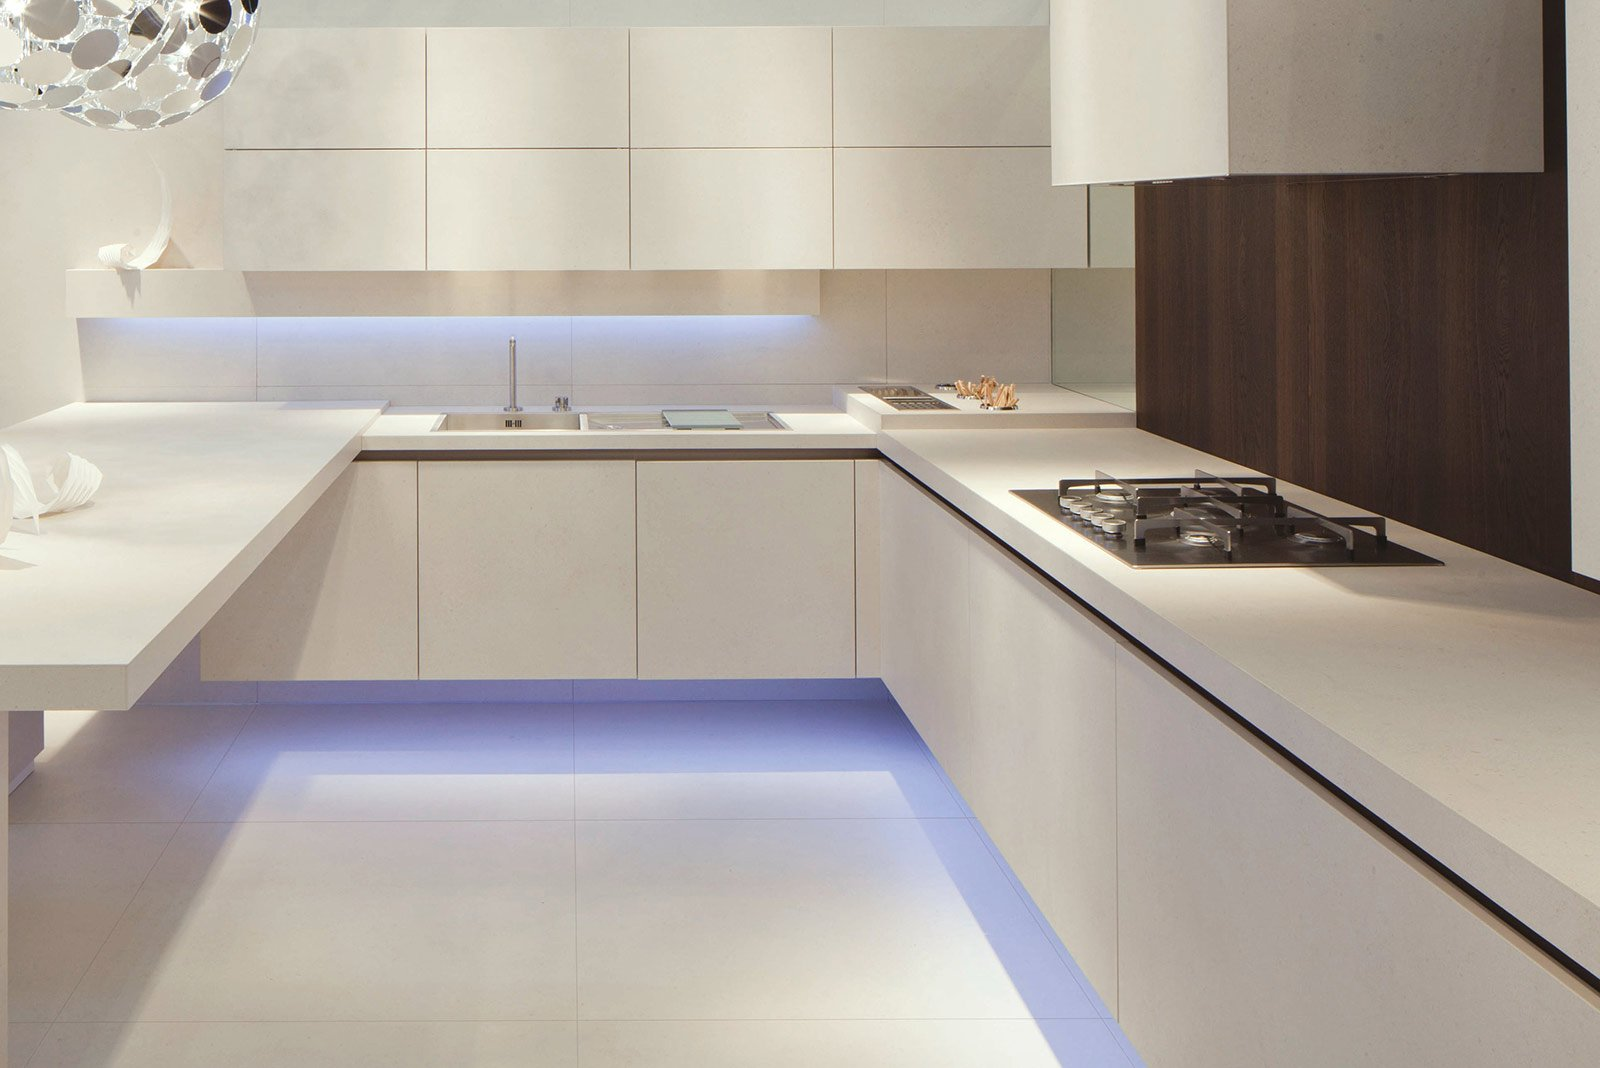 top cucine piano di lavoro cucina : La cucina Etherna di Arrital armonizza arredo e ambiente puntando per ...